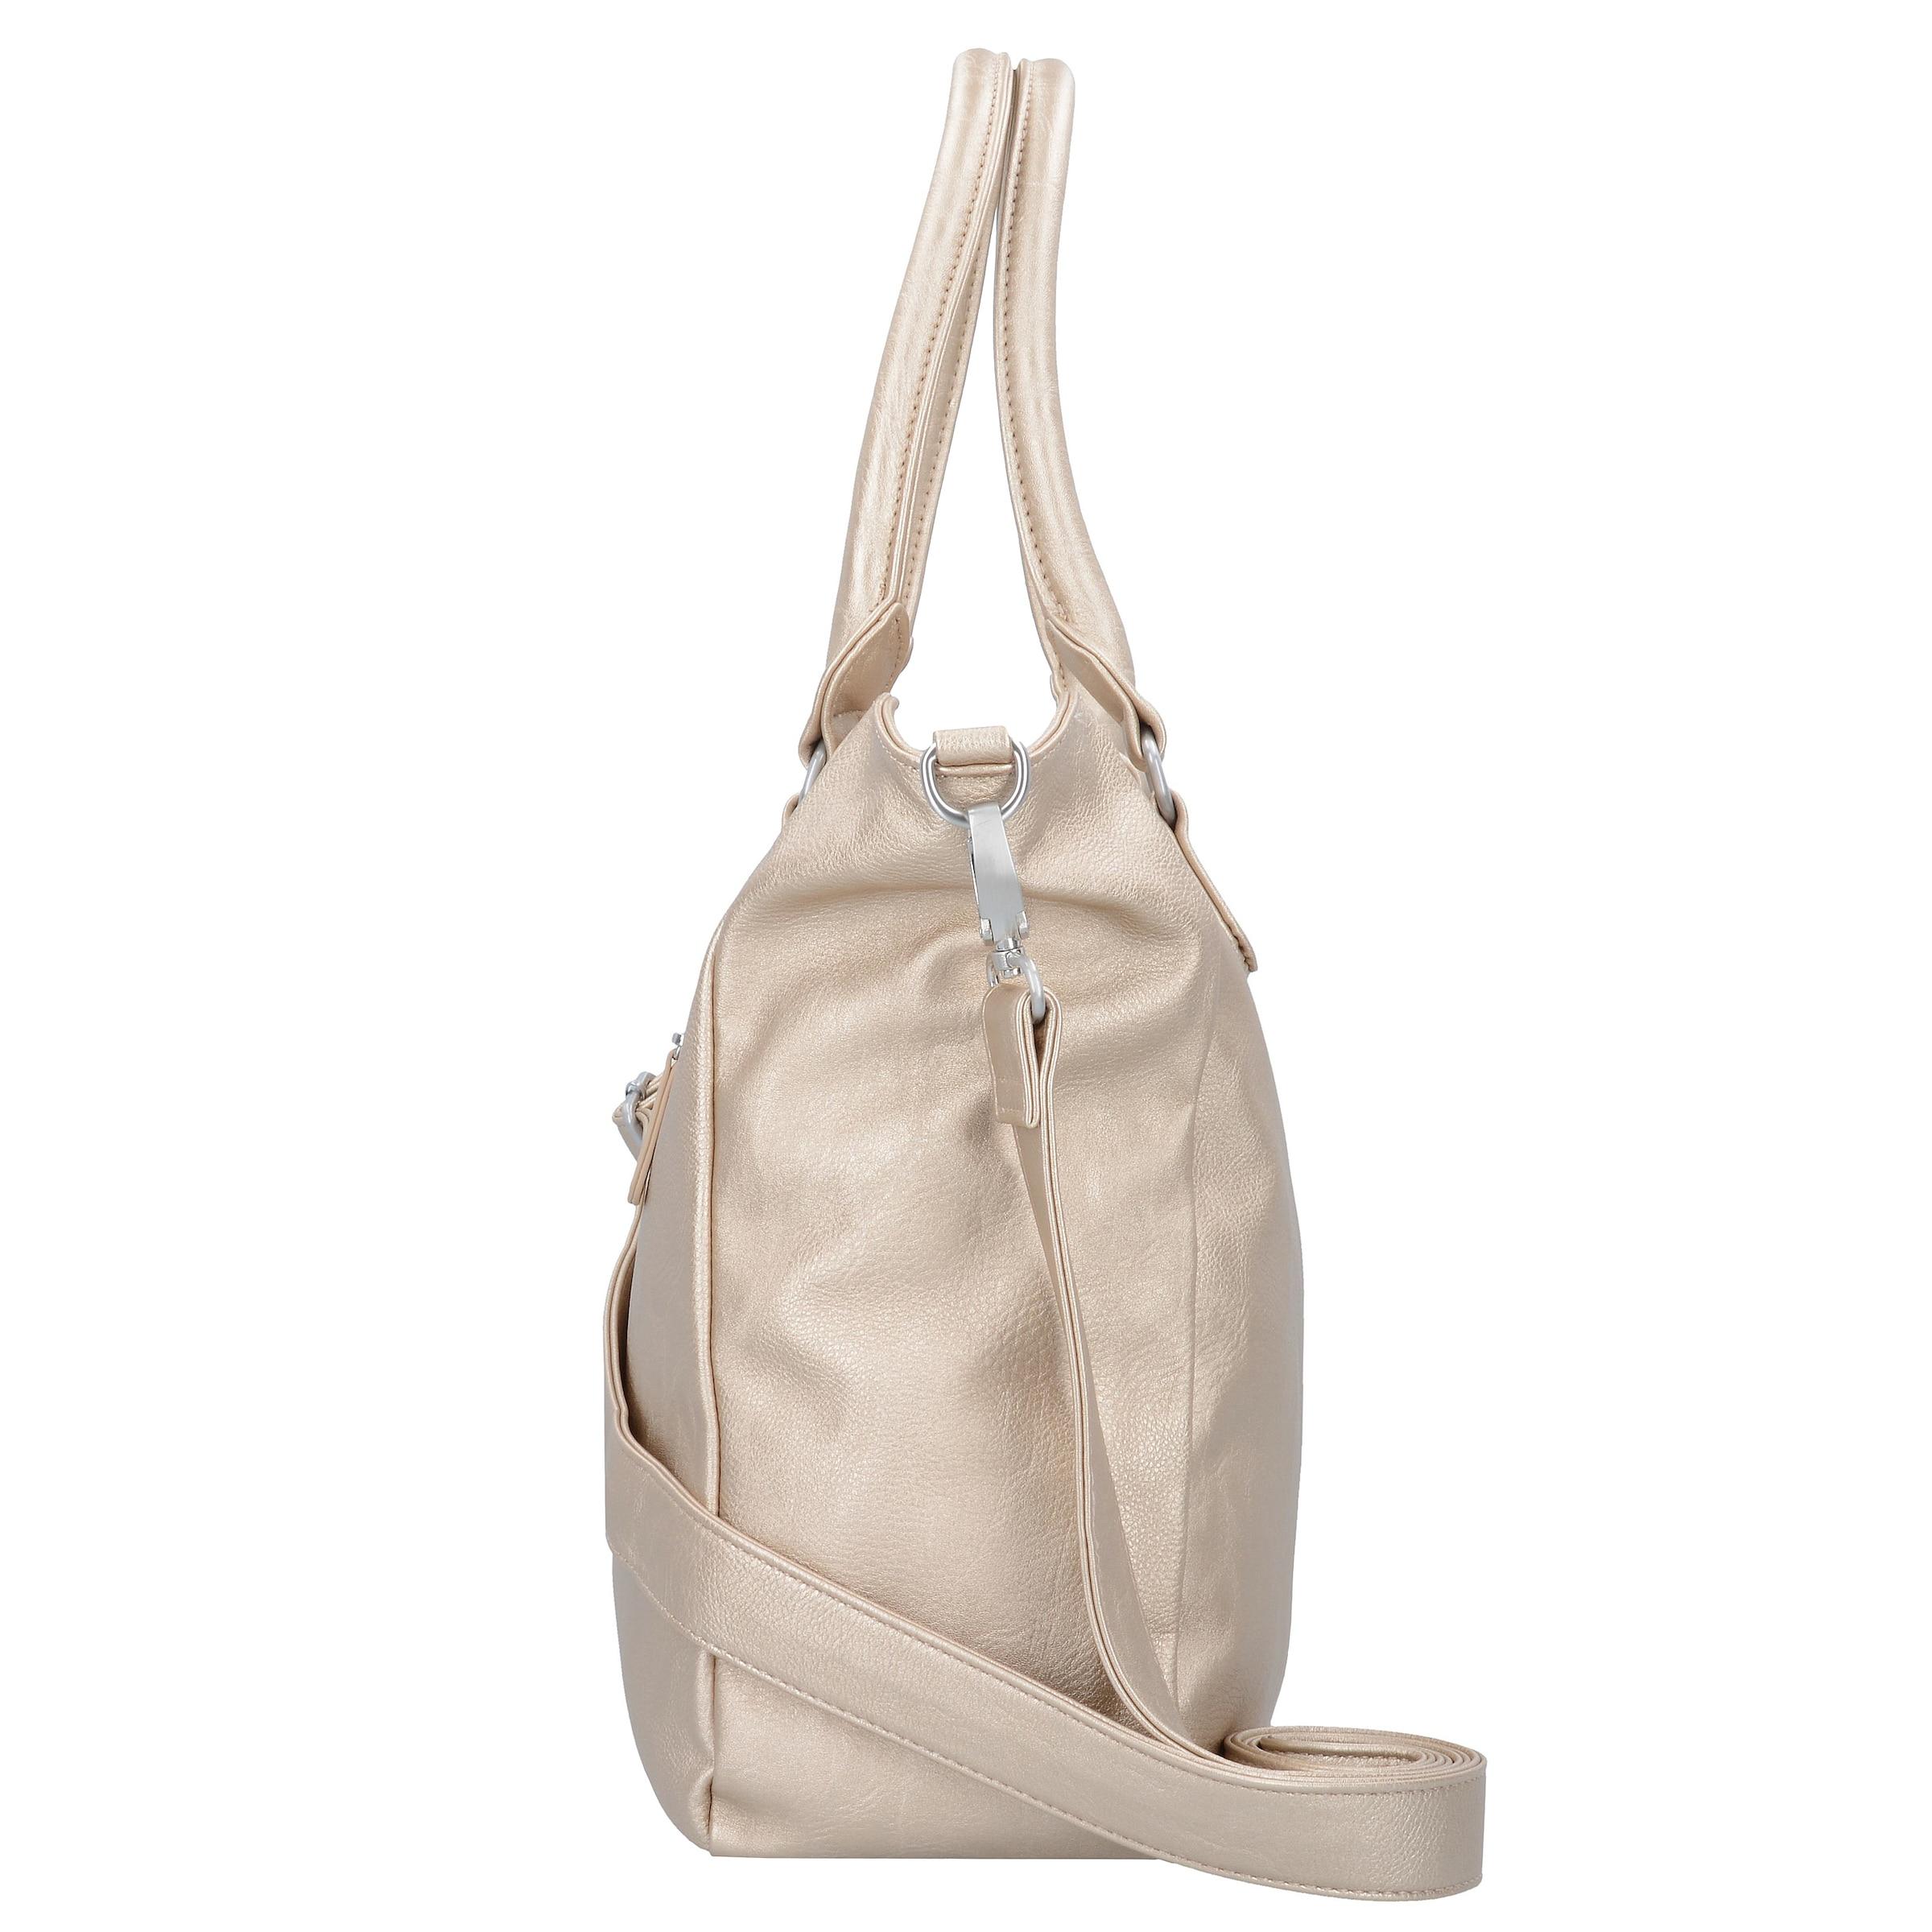 Wirklich Online Freies Verschiffen Eastbay Fritzi aus Preußen Valeska Saddle Shopper Tasche 32 cm 100% Garantiert Steckdose Mit Paypal Um Tns2W7C0Ab